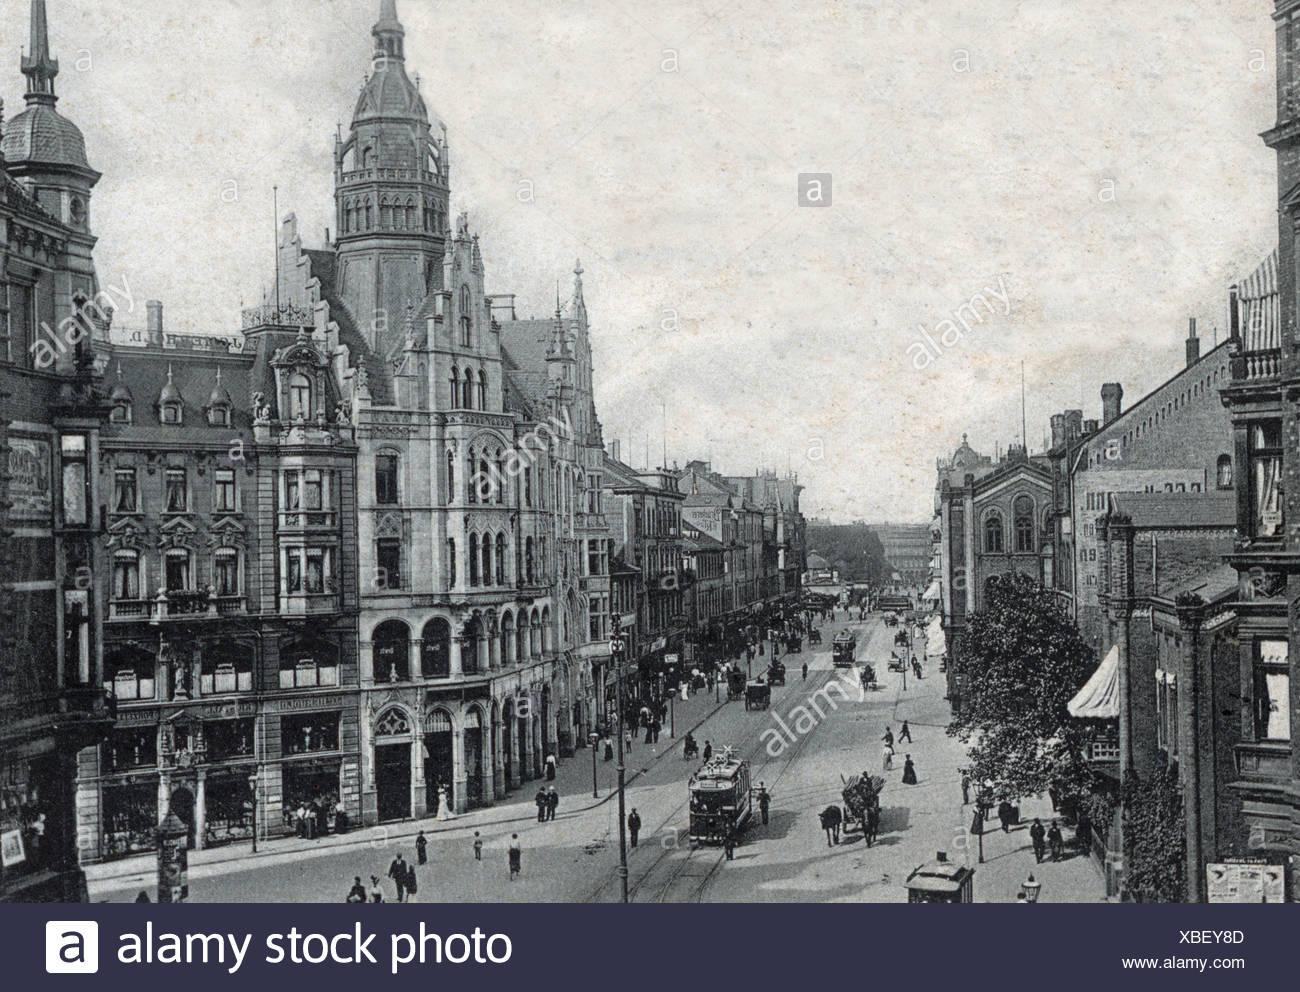 Carte Allemagne Hannover.Carte Postale Historique Vers 1900 Hannover Allemagne Banque